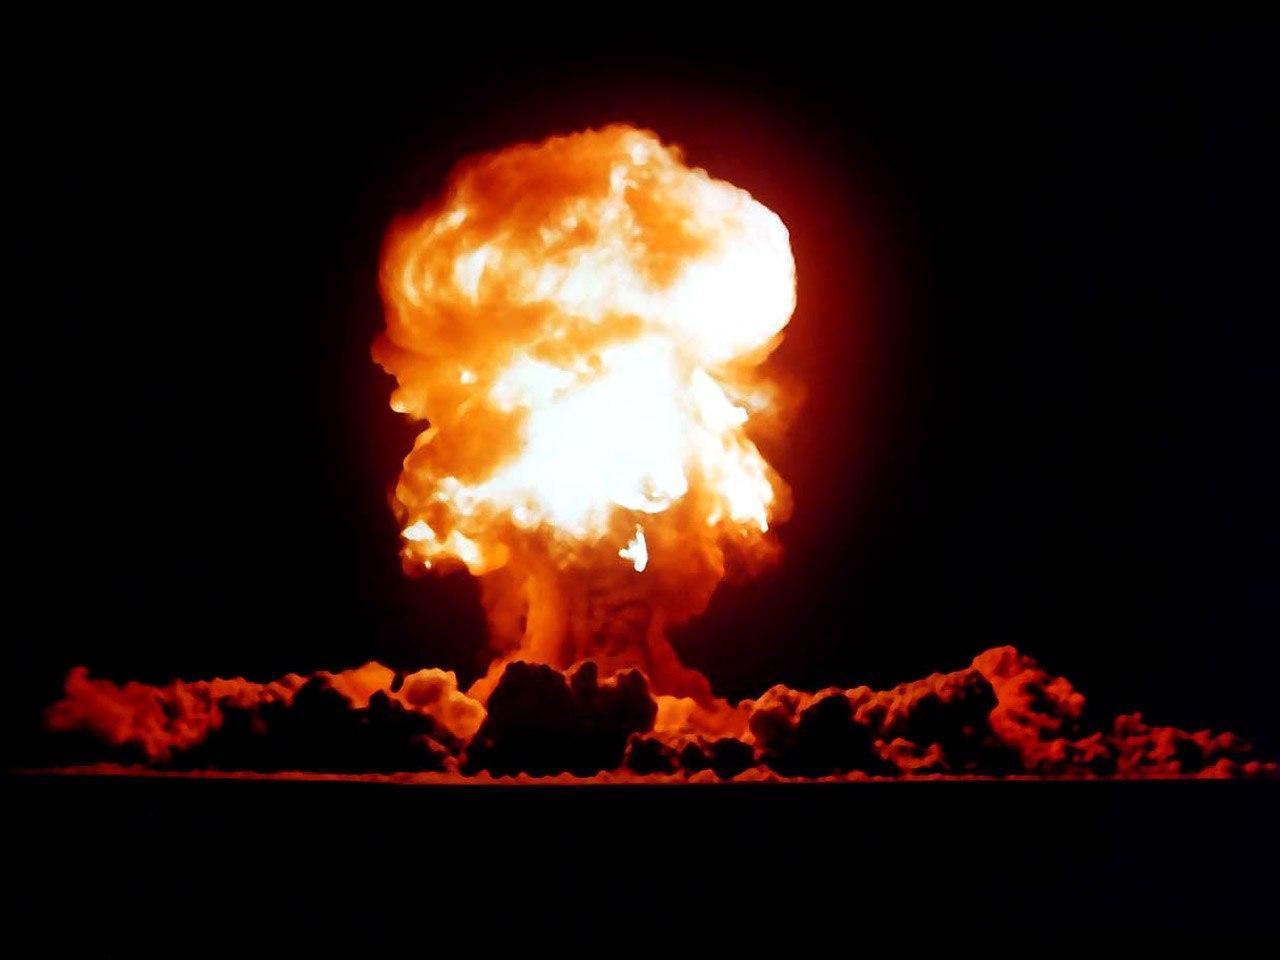 атомная бомба, взрыв фото, скачать бесплатно